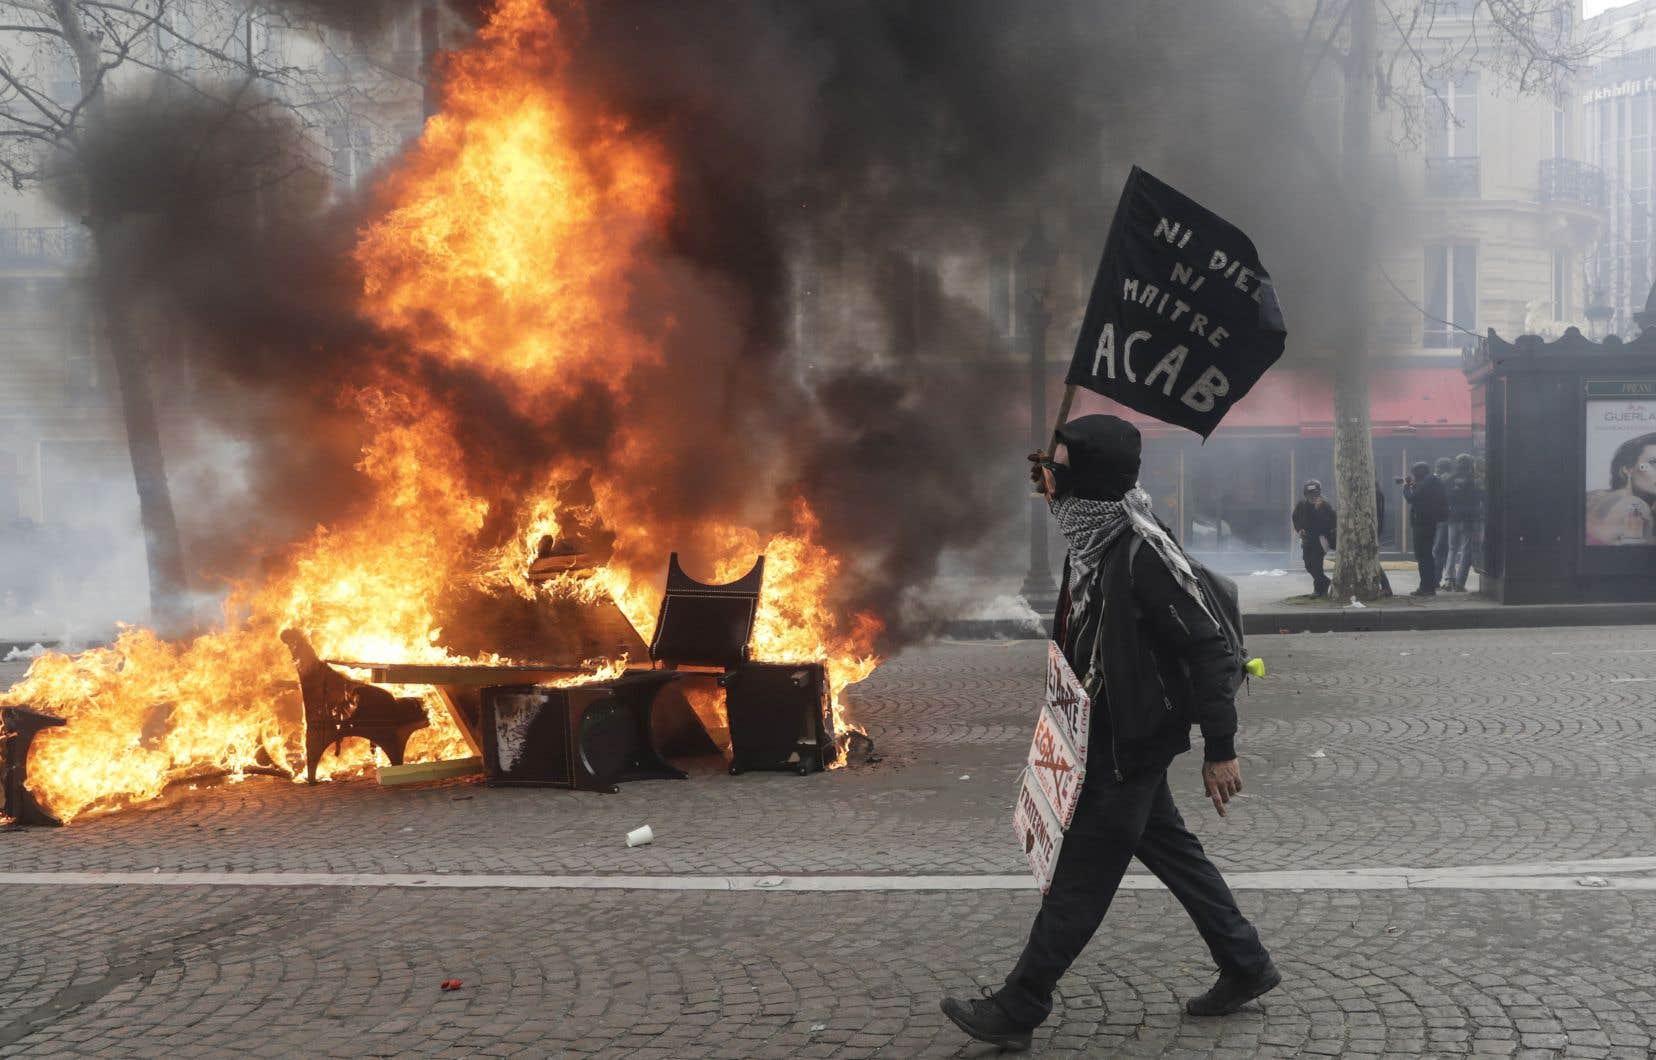 Samedi dernier, la journée de mobilisation des gilets jaunes s'était soldée par des affrontements avec les forces de l'ordre et des pillages sur les Champs-Élysées.